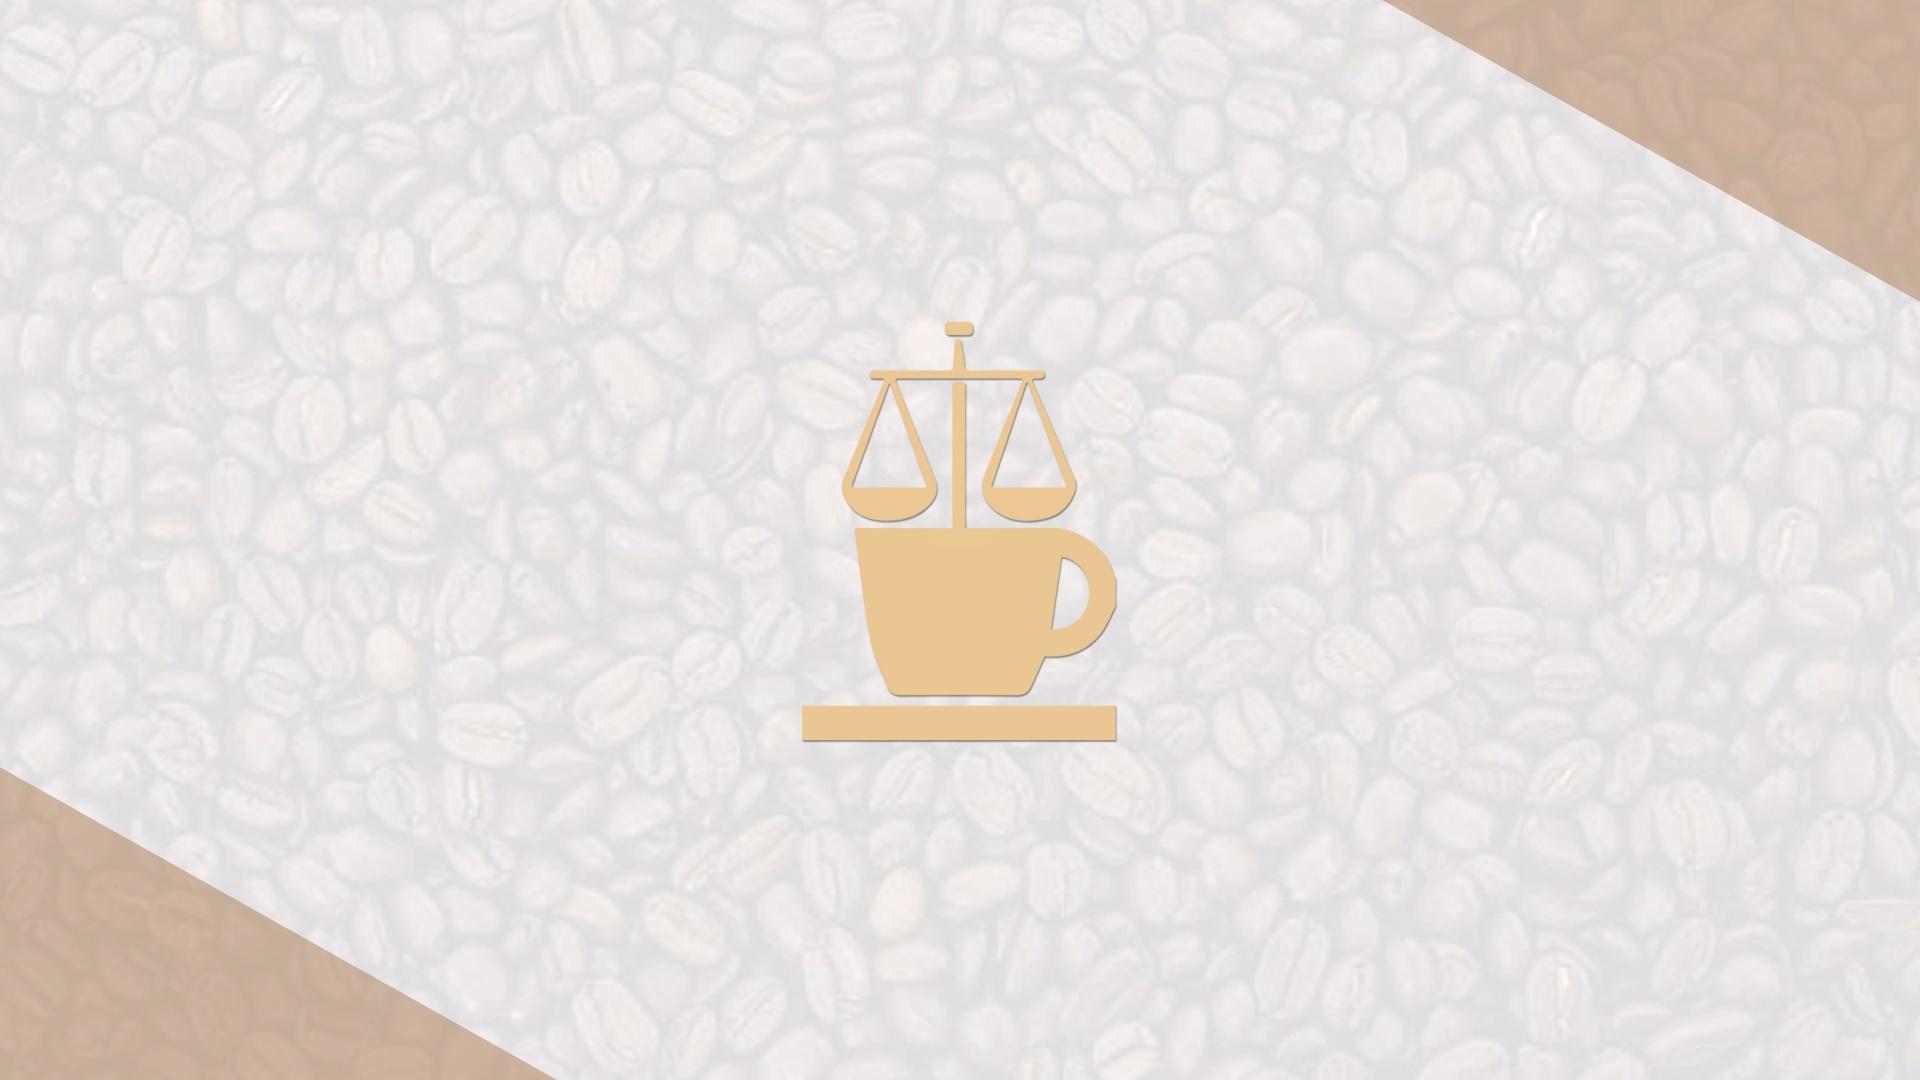 Il Tg Flash di Giustizia Caffè 12-07